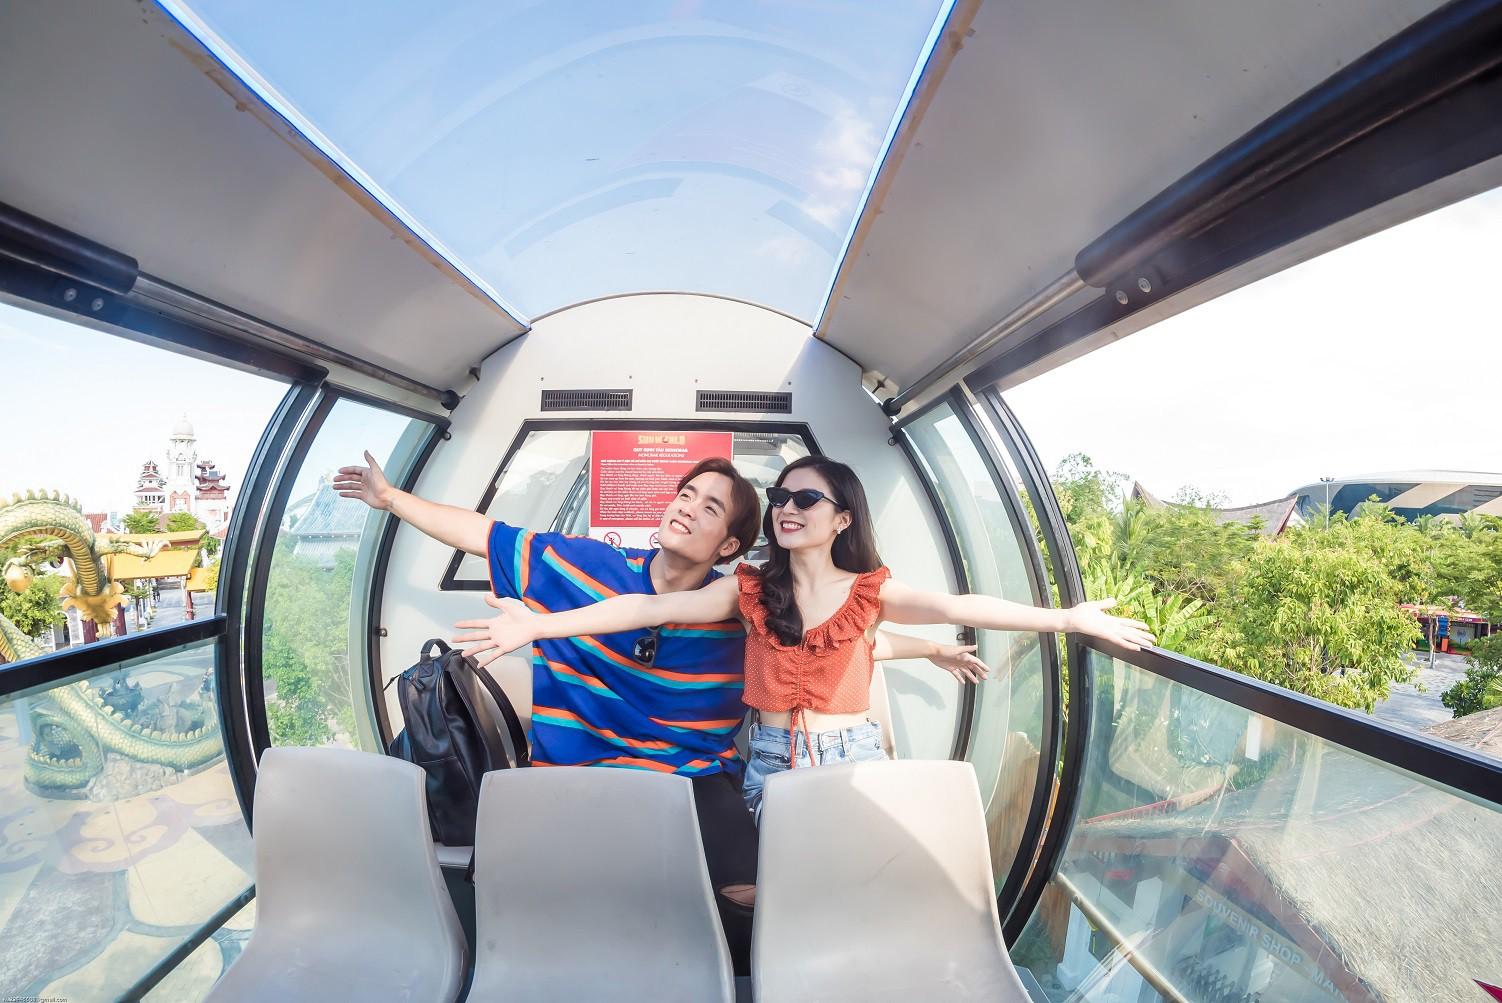 Bất ngờ lớn cho nàng từ 500 tấm vé miễn phí mỗi ngày tại Sun World Danang Wonders dịp 20/10 - Ảnh 3.